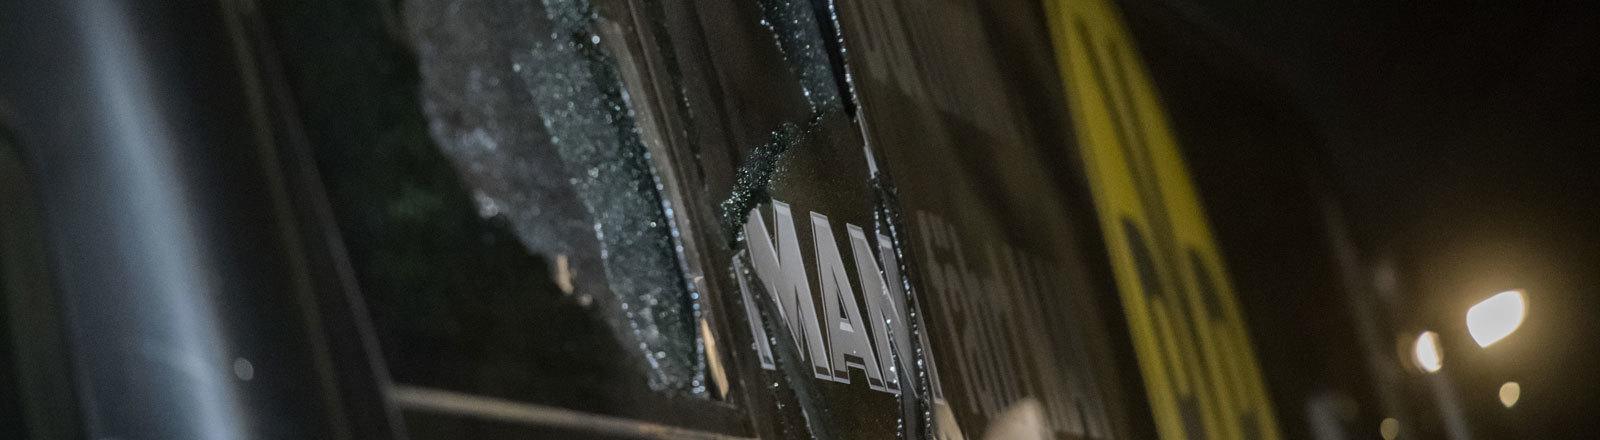 Nach einem Anschlag zerborstene Scheiben des Teambus von Borussia Dortmund